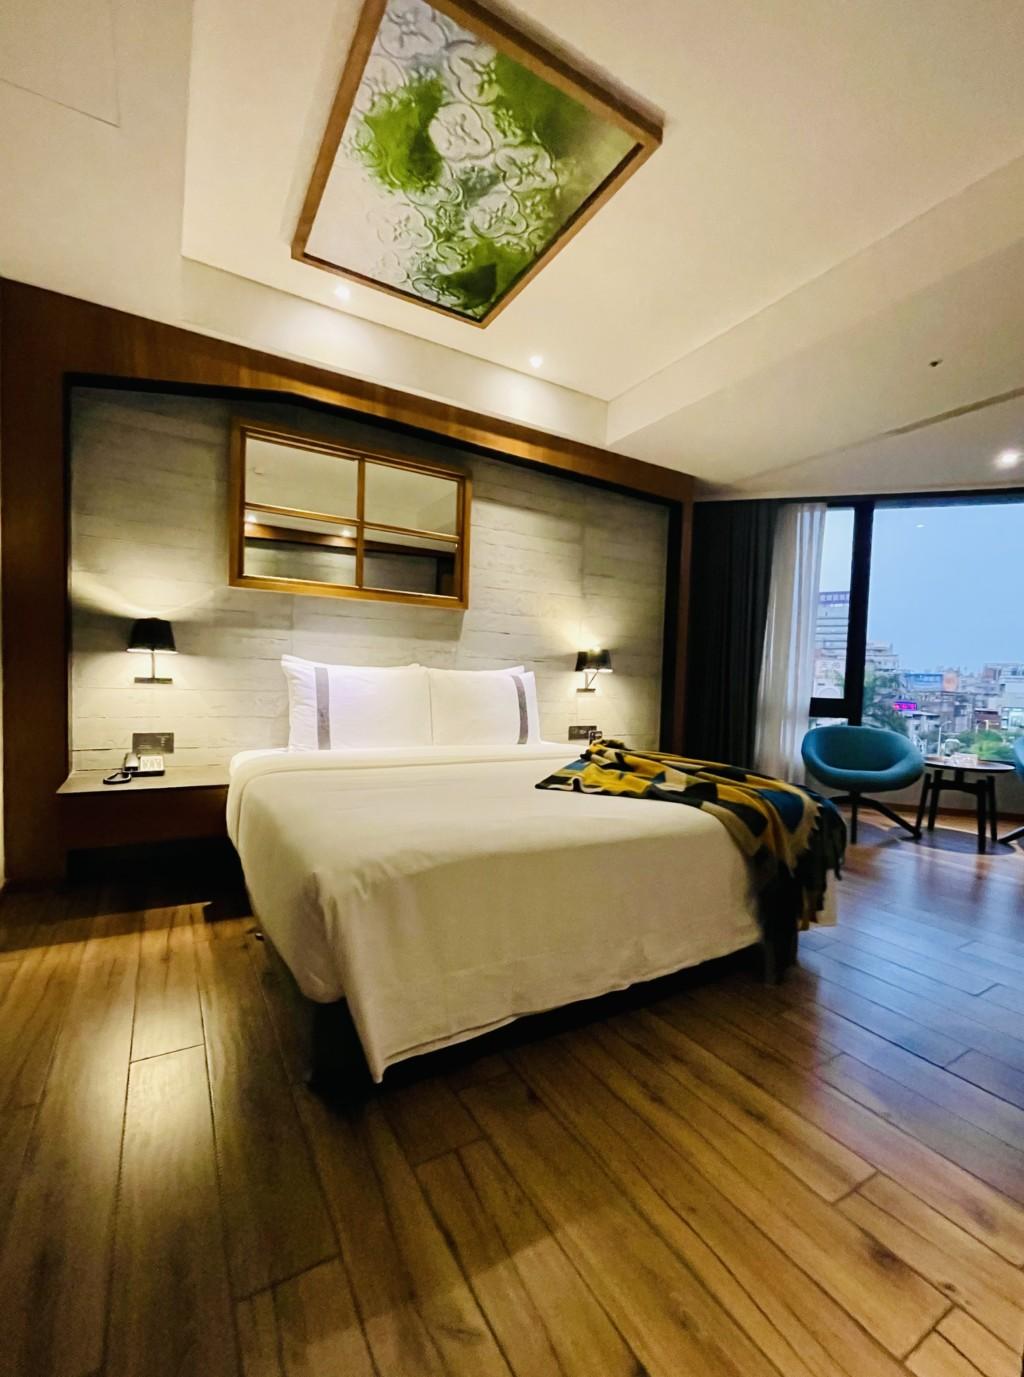 開箱高雄「4星新飯店」 免費「點心+消夜」還有大景蛋型浴缸!